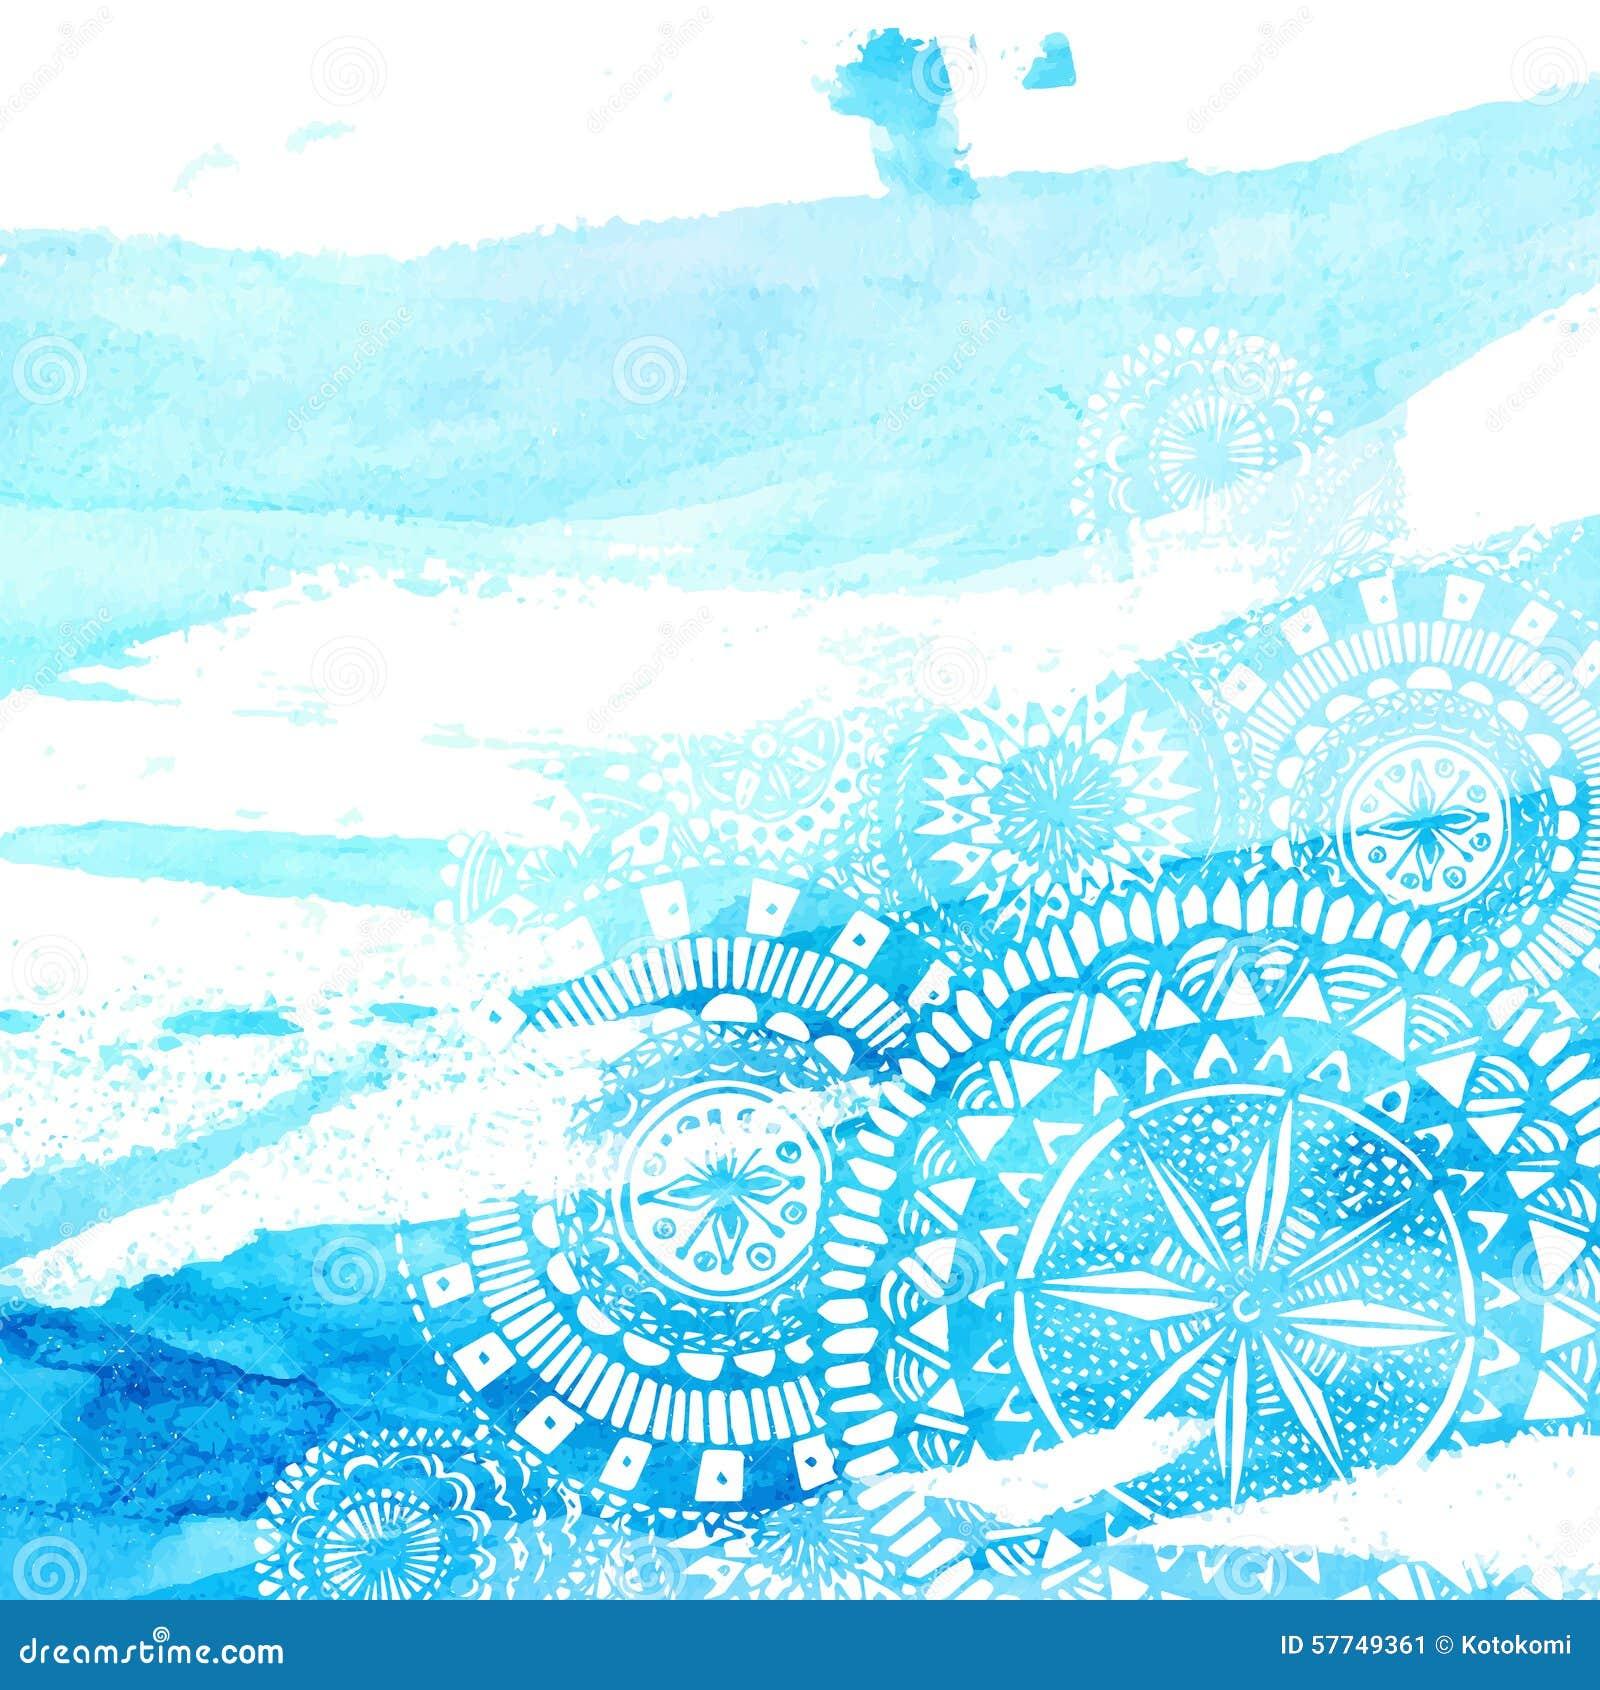 Blaue Aquarellbürstenanschläge mit der weißen Hand